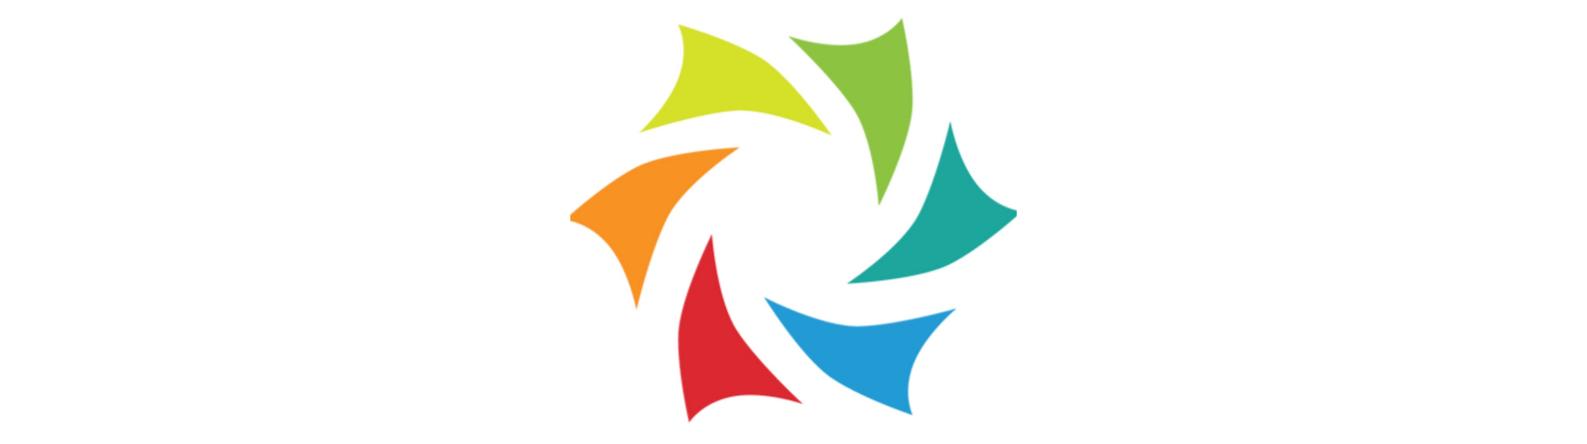 Logo for Focusky